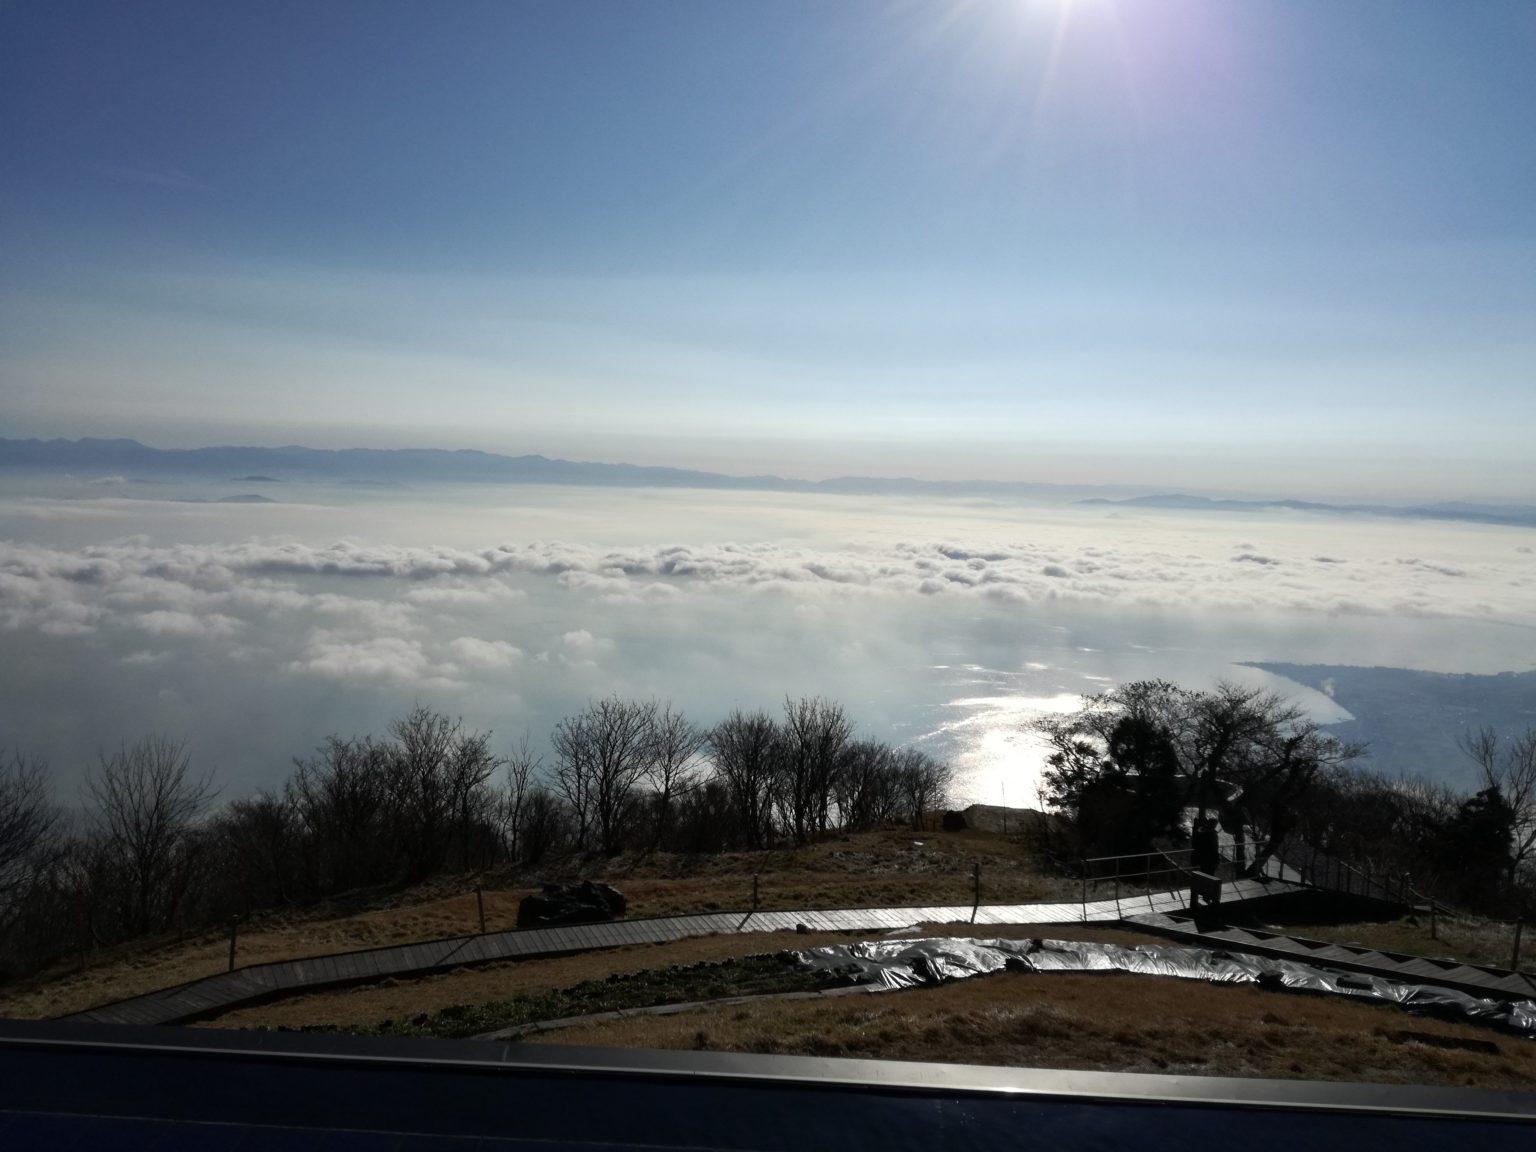 琵琶湖の雲海